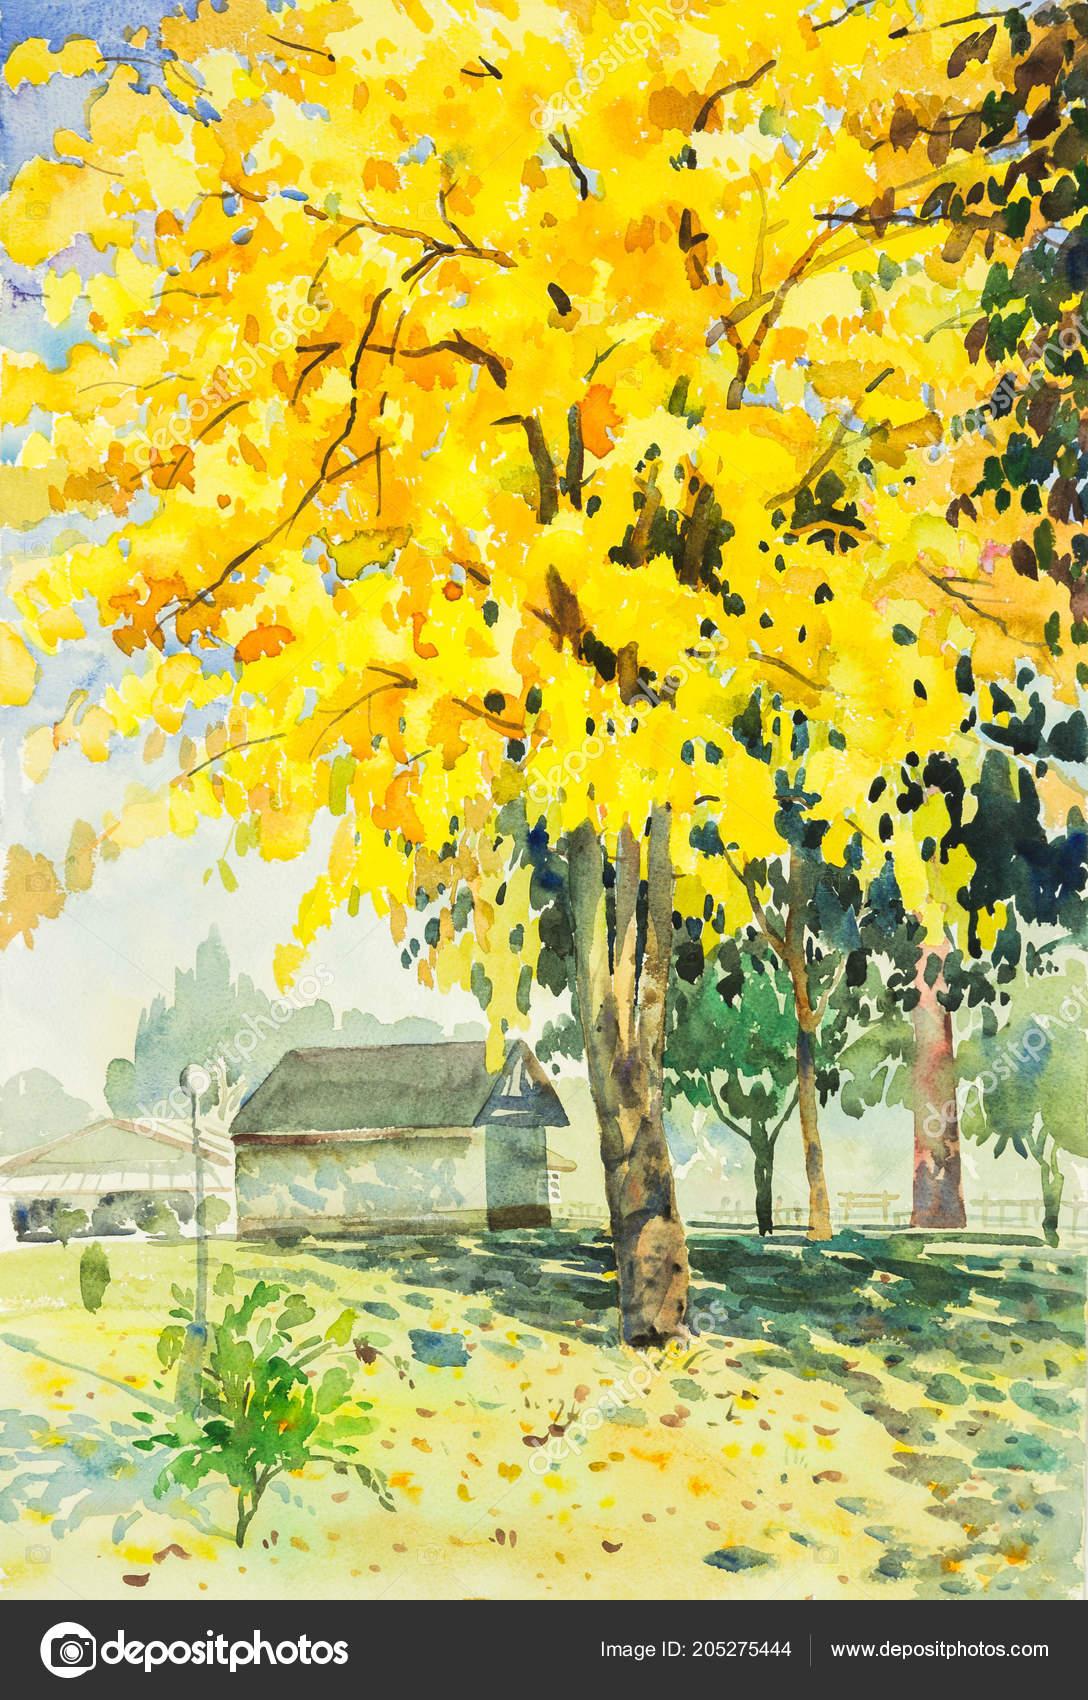 Watercolor Original Landscape Painting Yellow Orange Color Golden